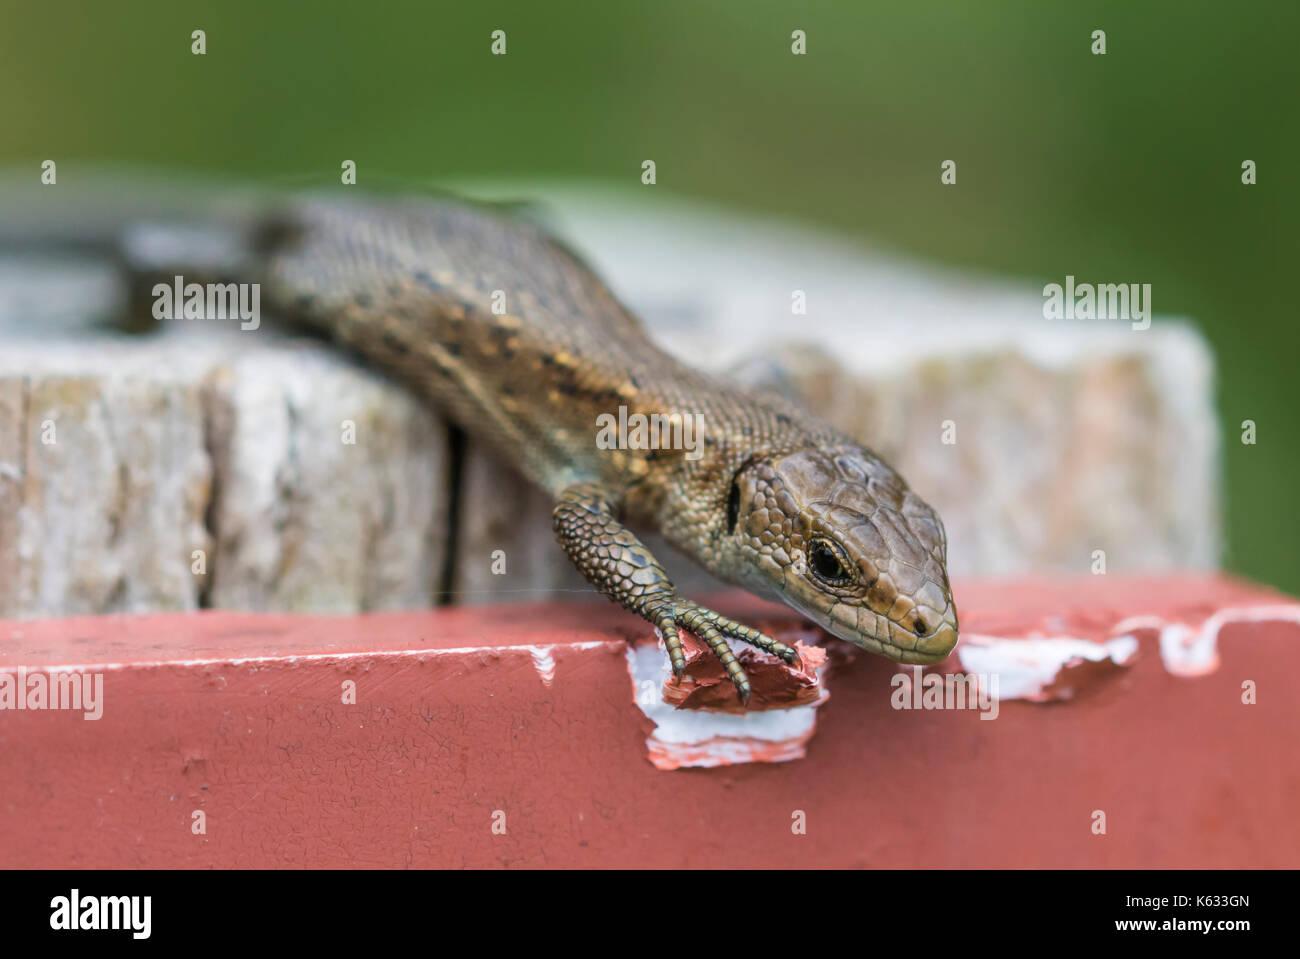 Lézard commun Zootoca vivipara (adultes), AKA lézard vivipare lézard eurasien ou près de l'eau, à l'automne dans le sud de l'Angleterre, Royaume-Uni. Gros plan de lézard. Banque D'Images